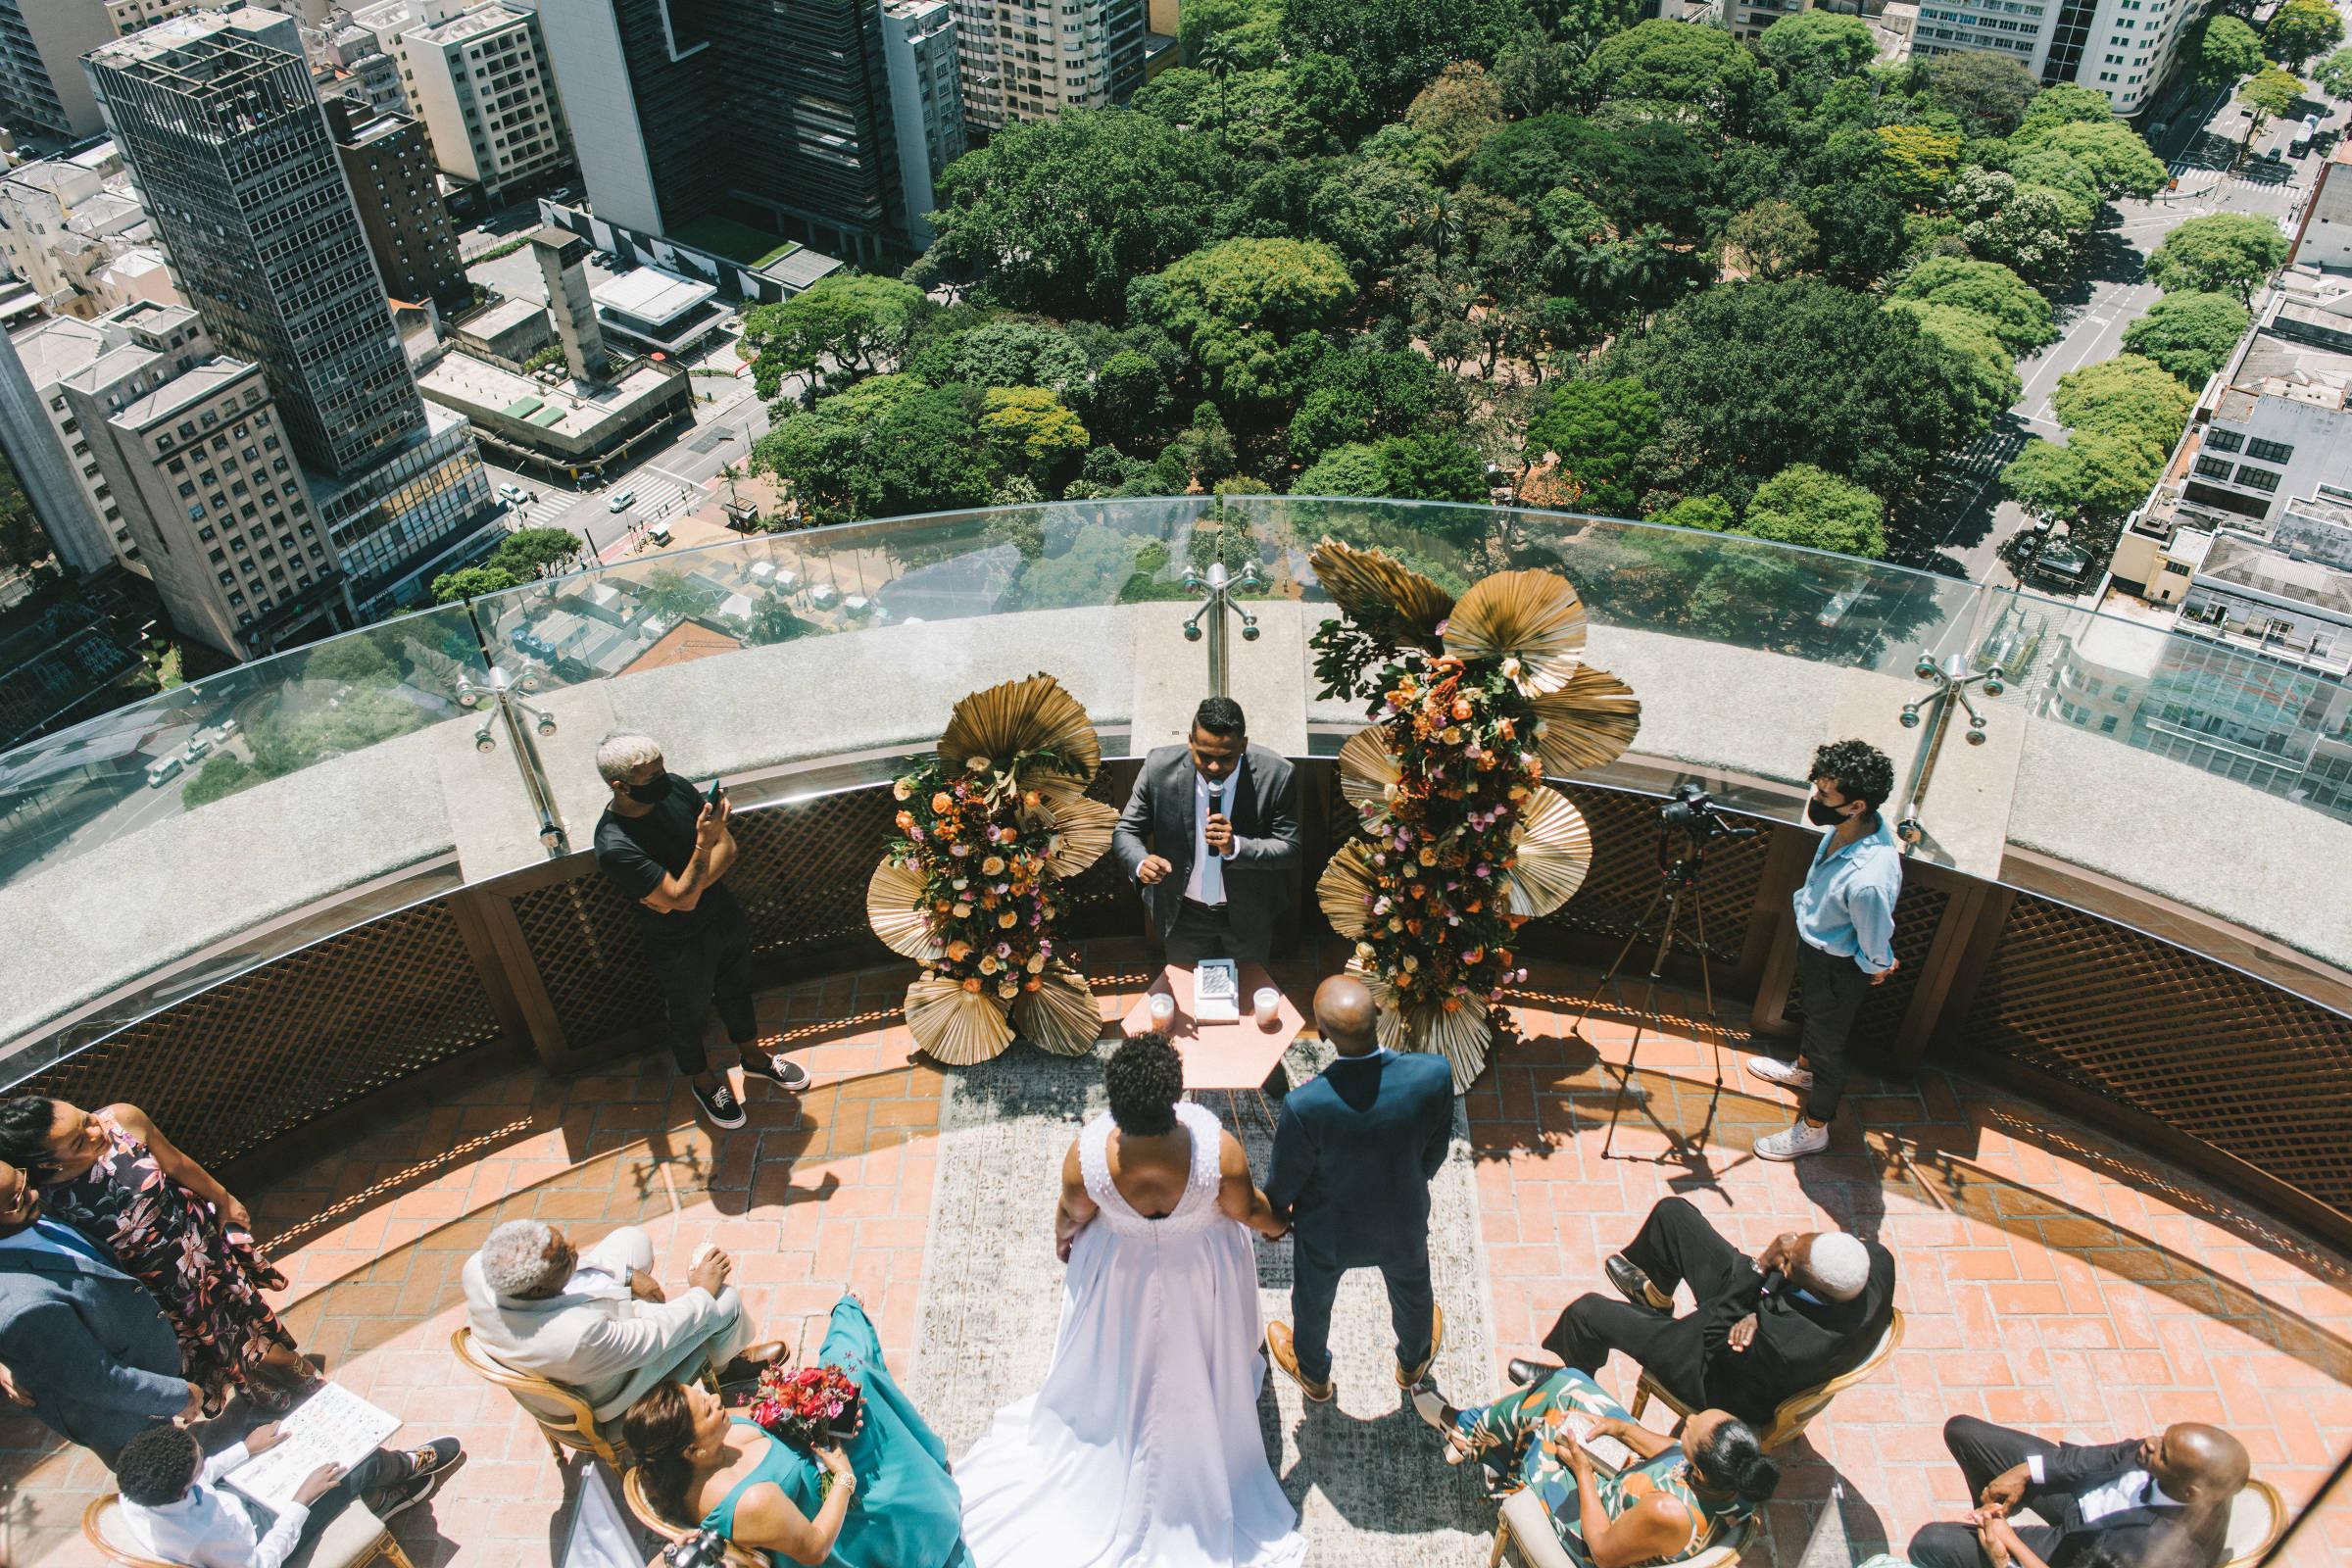 Las bodas pandémicas tienen fiesta en casa de los novios e incluso rotación de invitados – 16/04/2021 – Mpme /Titulares de Noticias de Brasil